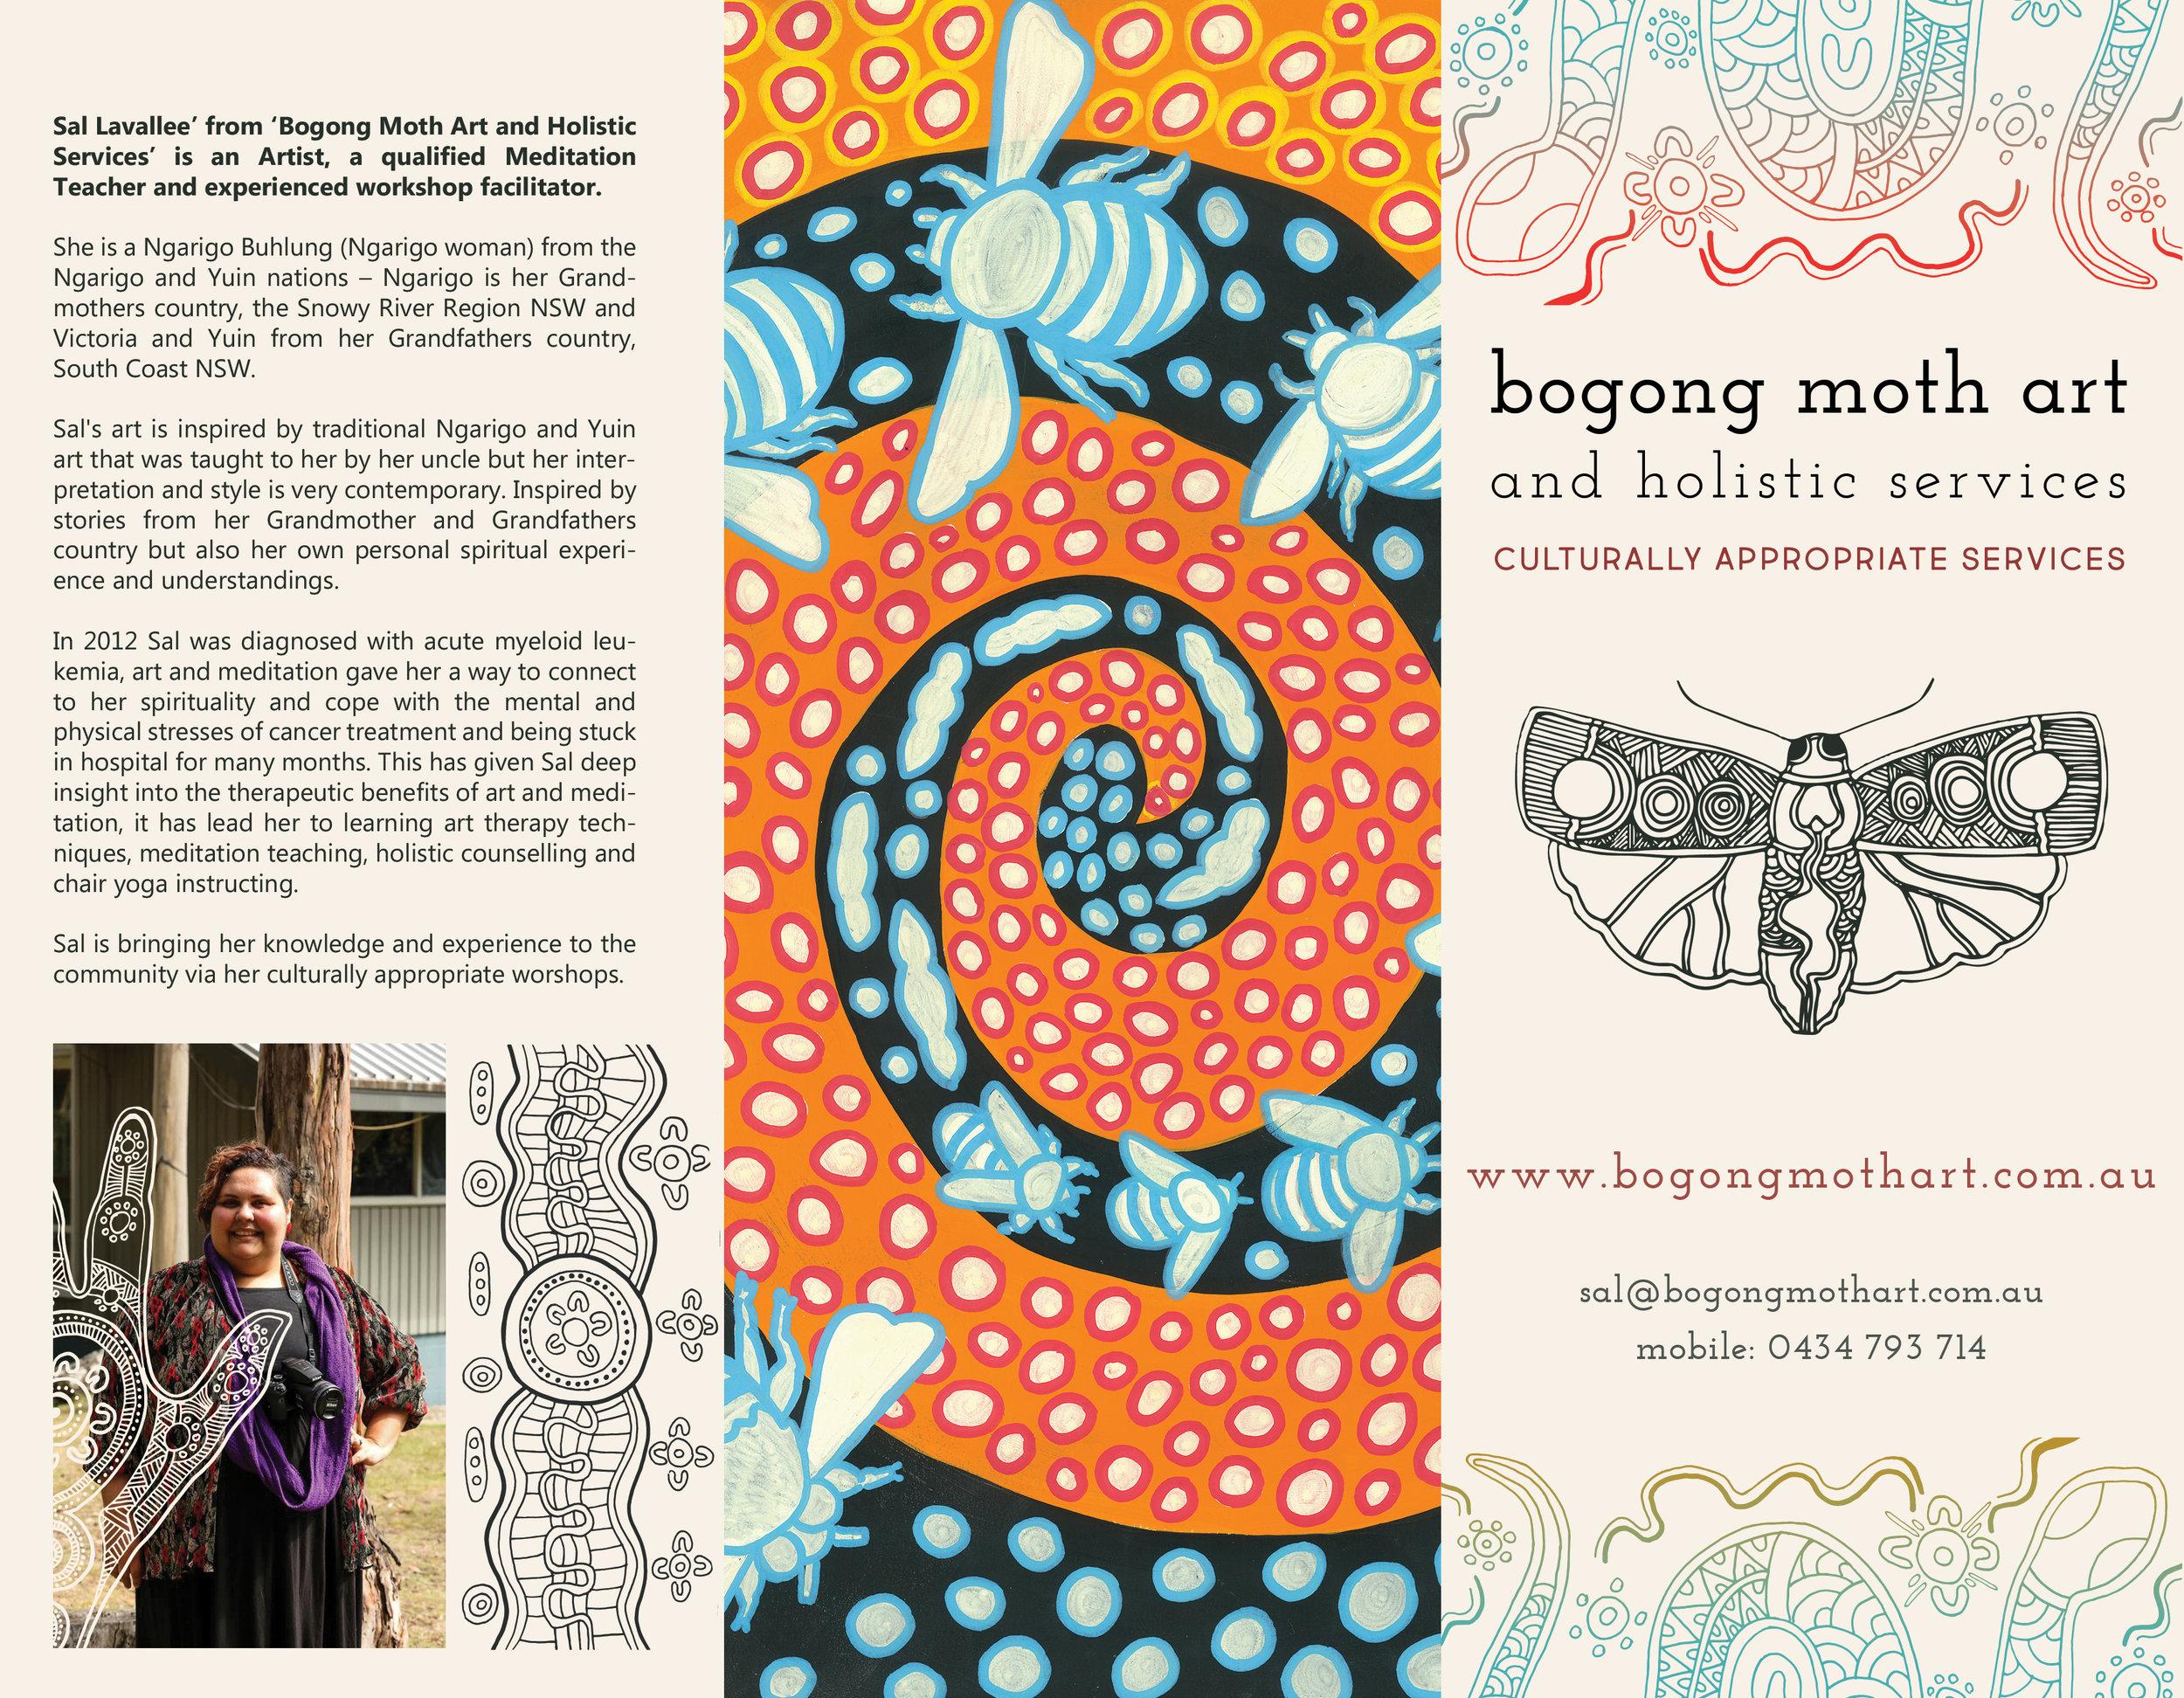 Bogong Moth Front Social Media.jpg